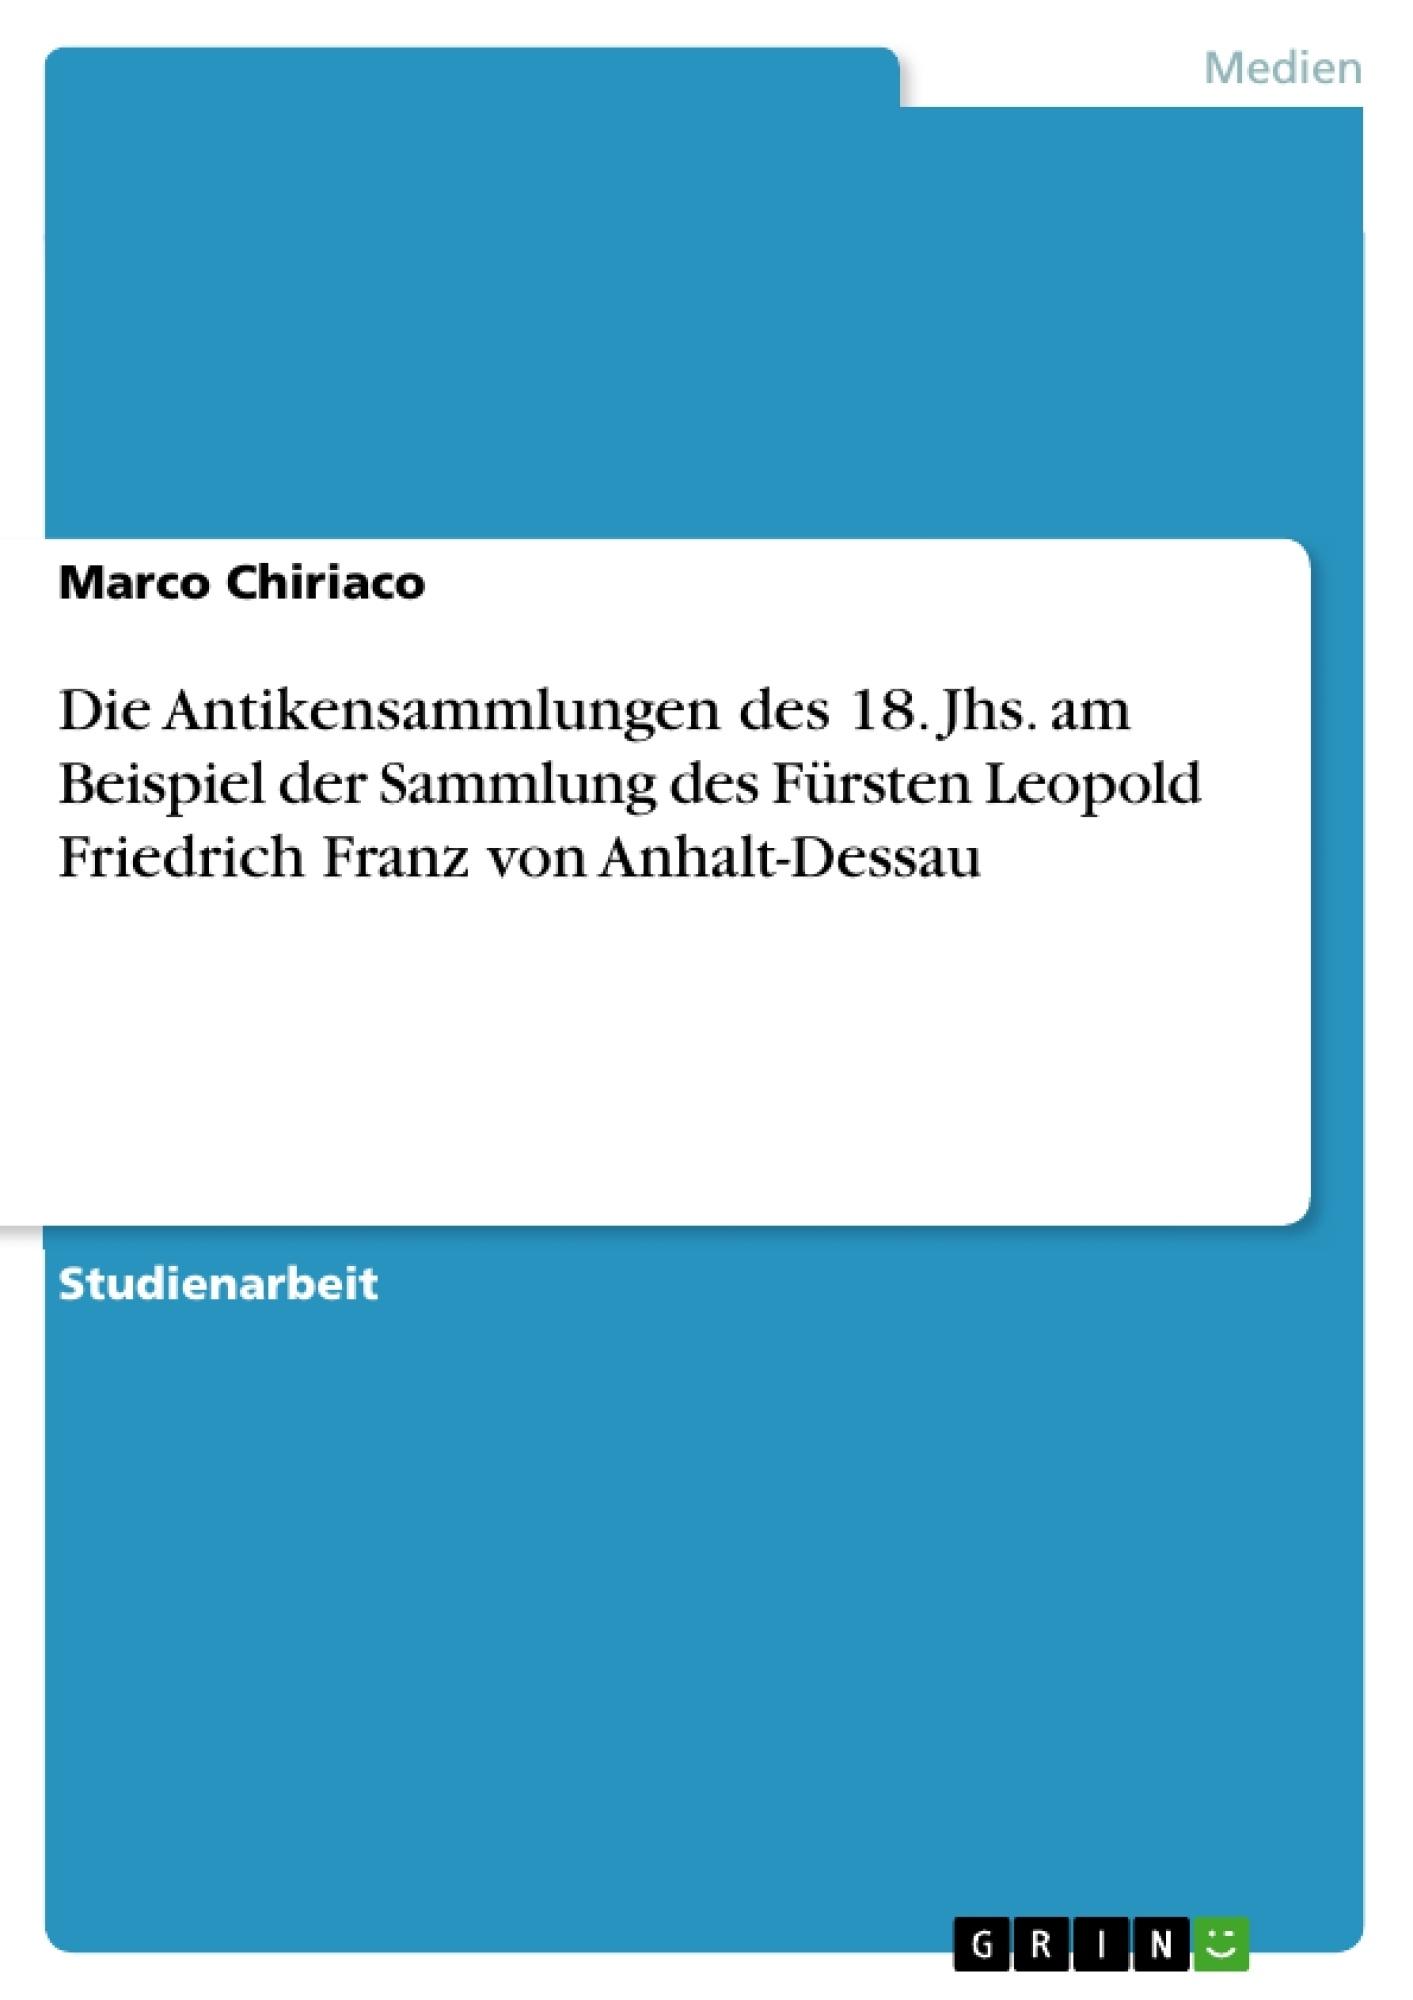 Titel: Die Antikensammlungen des 18. Jhs. am Beispiel der Sammlung des Fürsten Leopold Friedrich Franz von Anhalt-Dessau